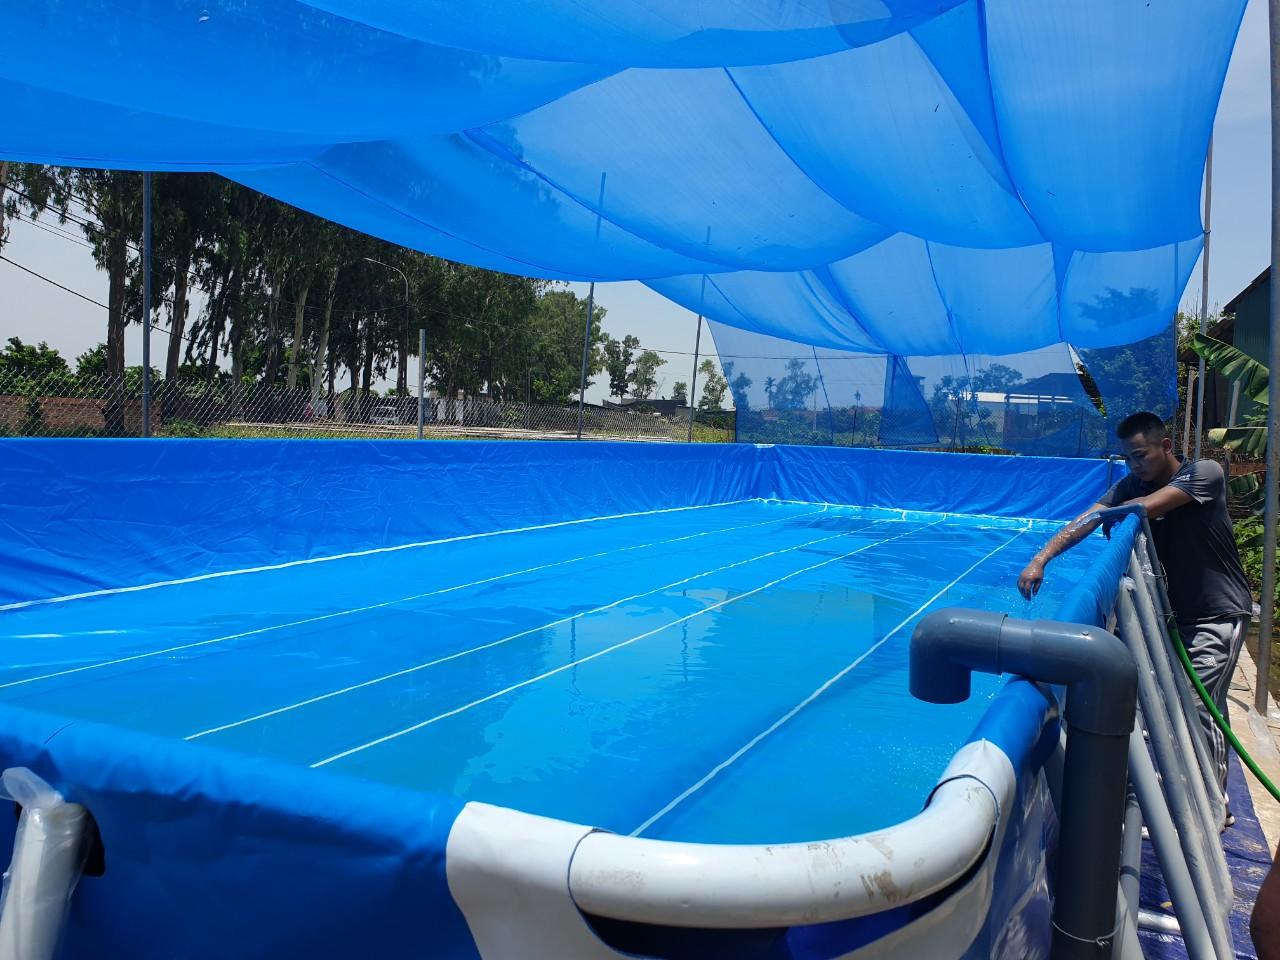 hồ bơi thông minh bằng bạt